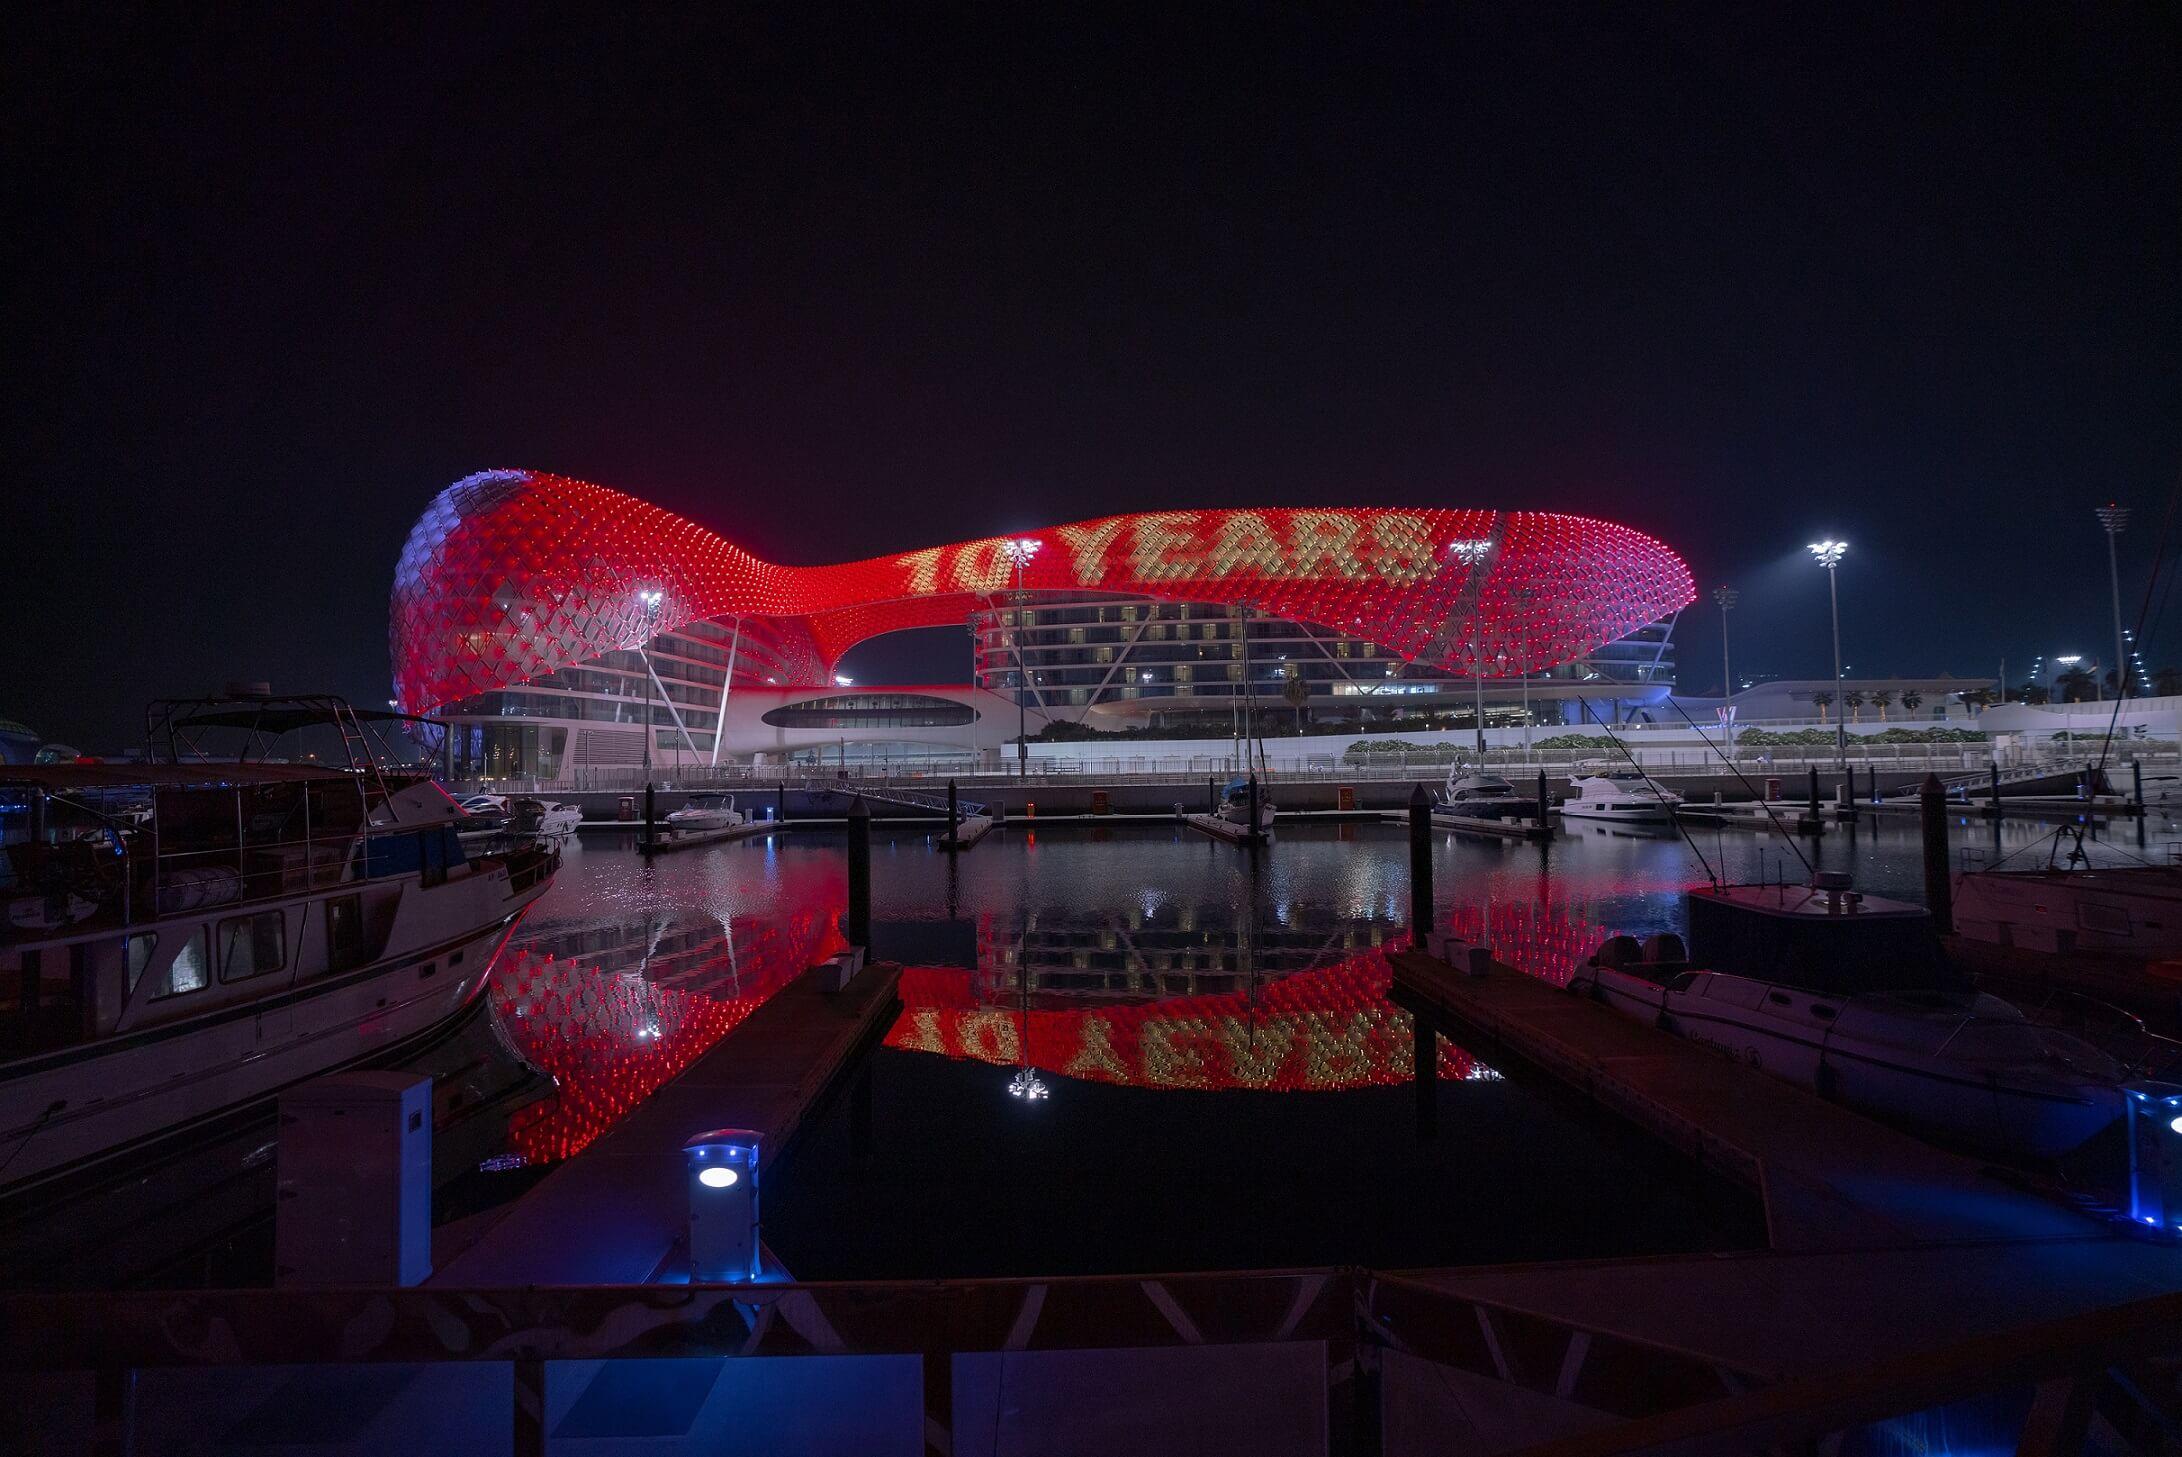 جزيرة ياس تضيء باللون الأحمر احتفاءً بالذكرى العاشرة لافتتاح عالم فيراري أبوظبي